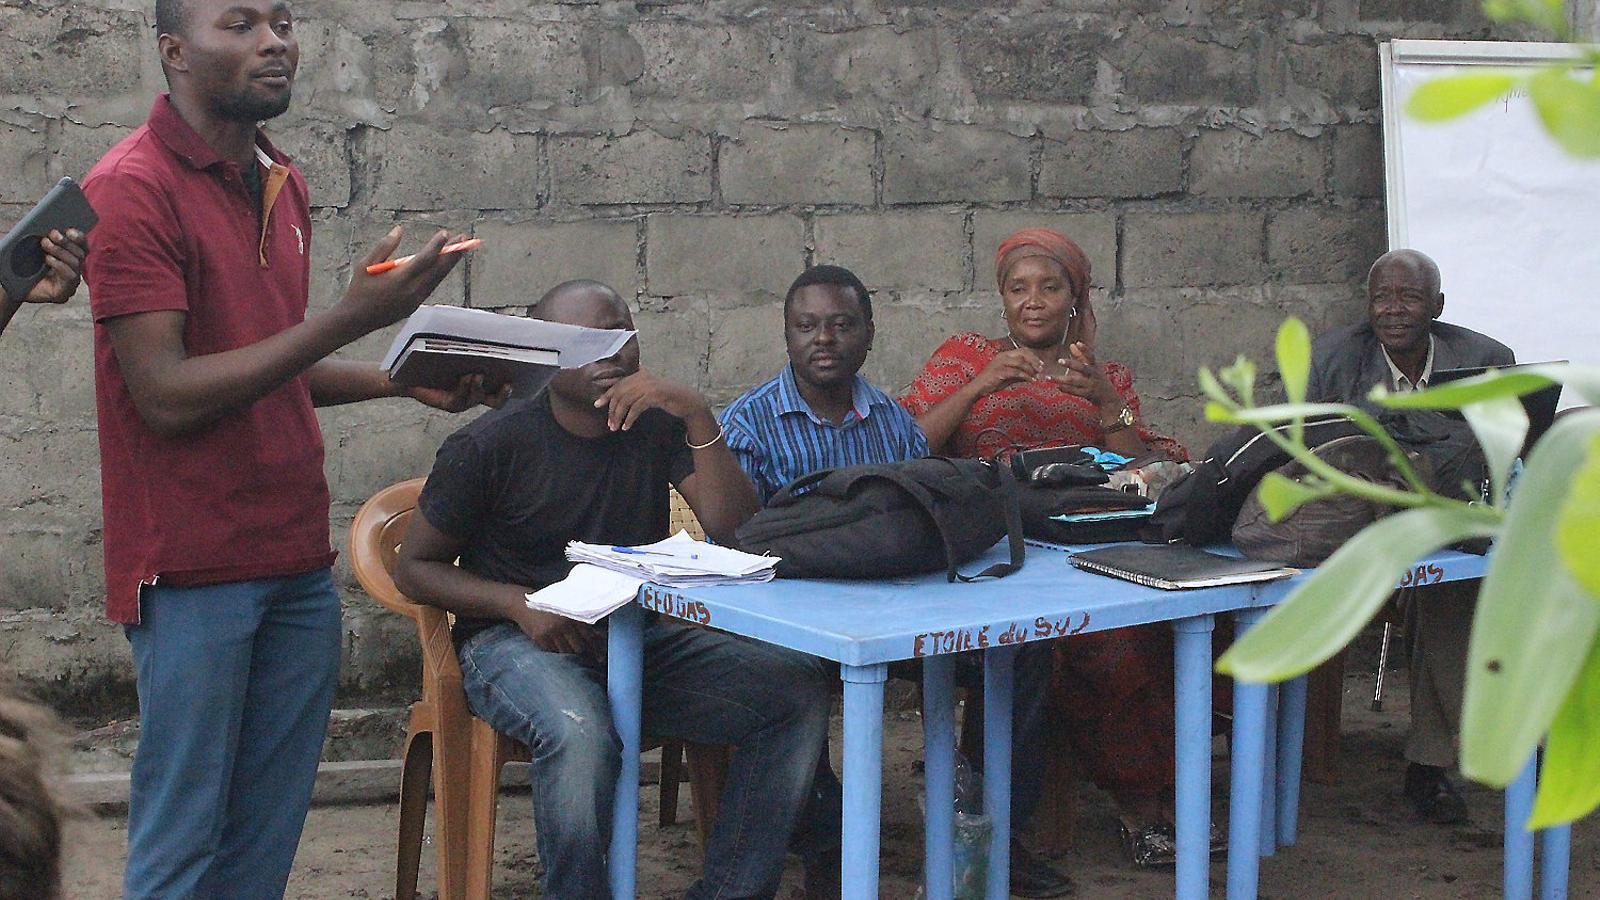 Els dos activistes participant en una reunió d'Etoile du Sud, en una imatge recent.